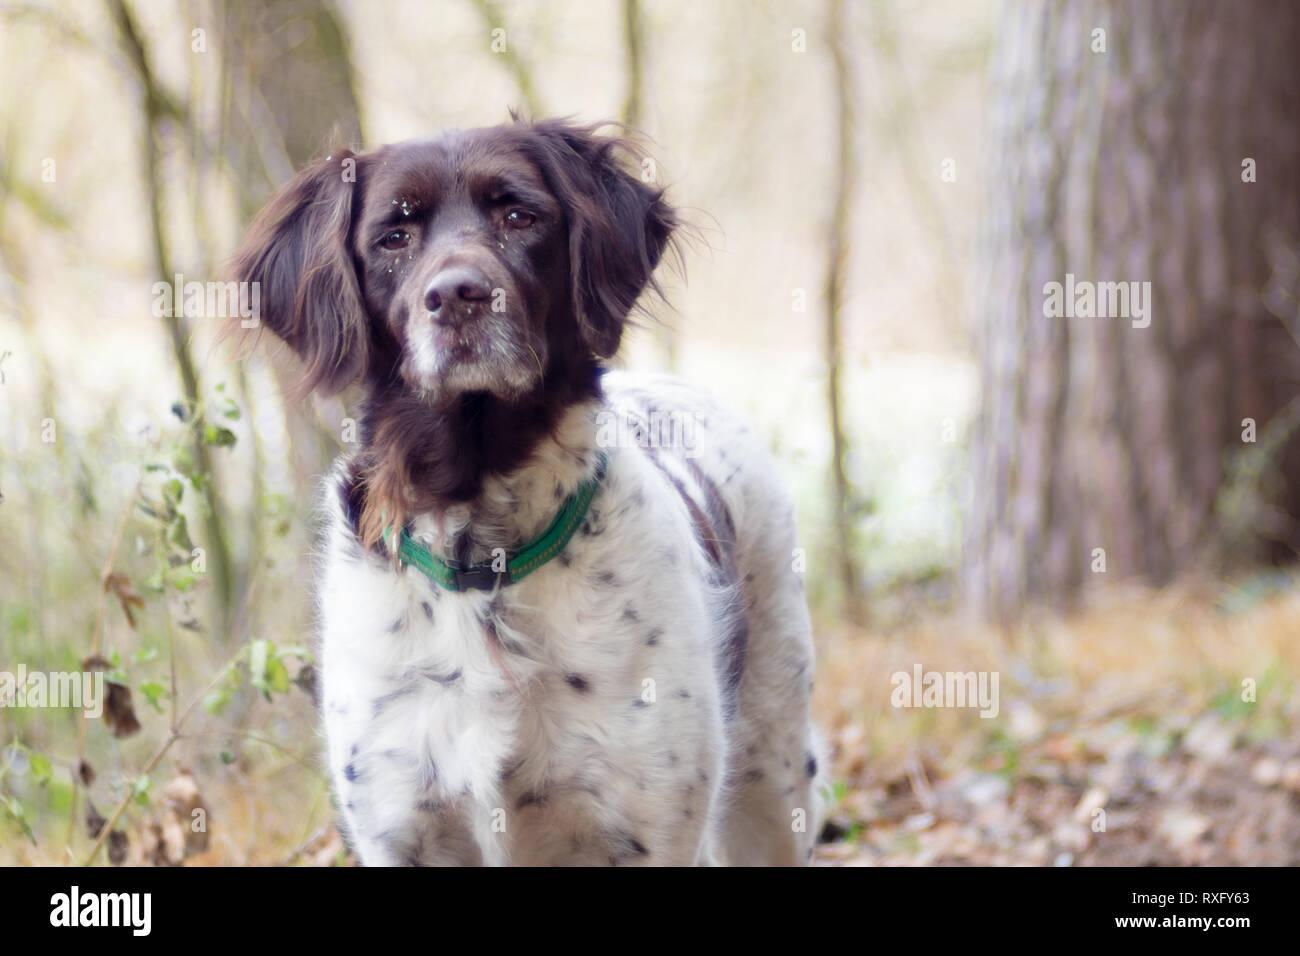 Hunde Portrait - Stock Image